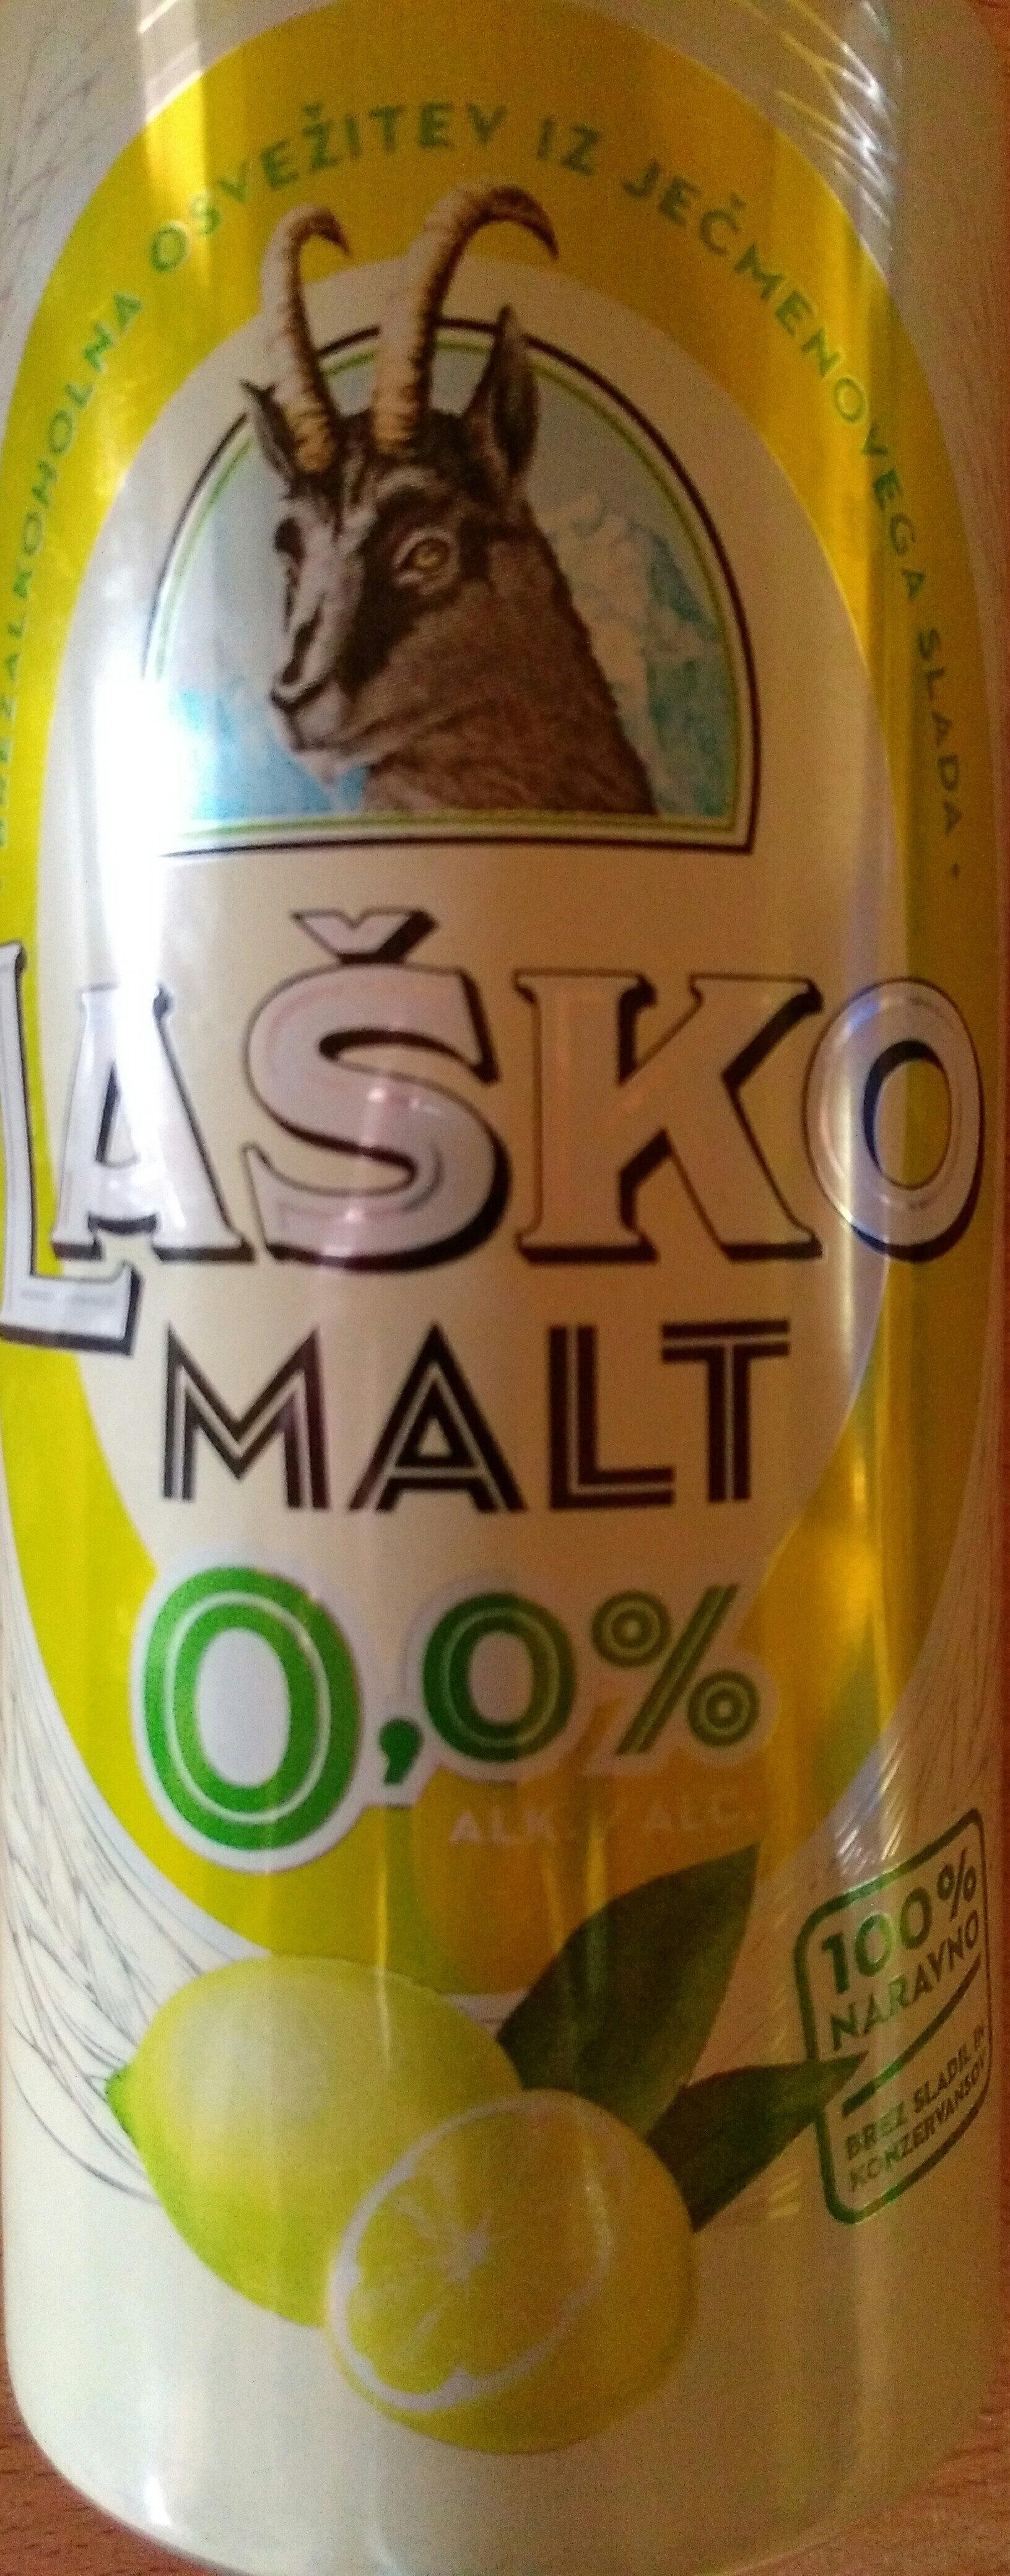 Laško MALT LIMONA • LEMON - Product - sl